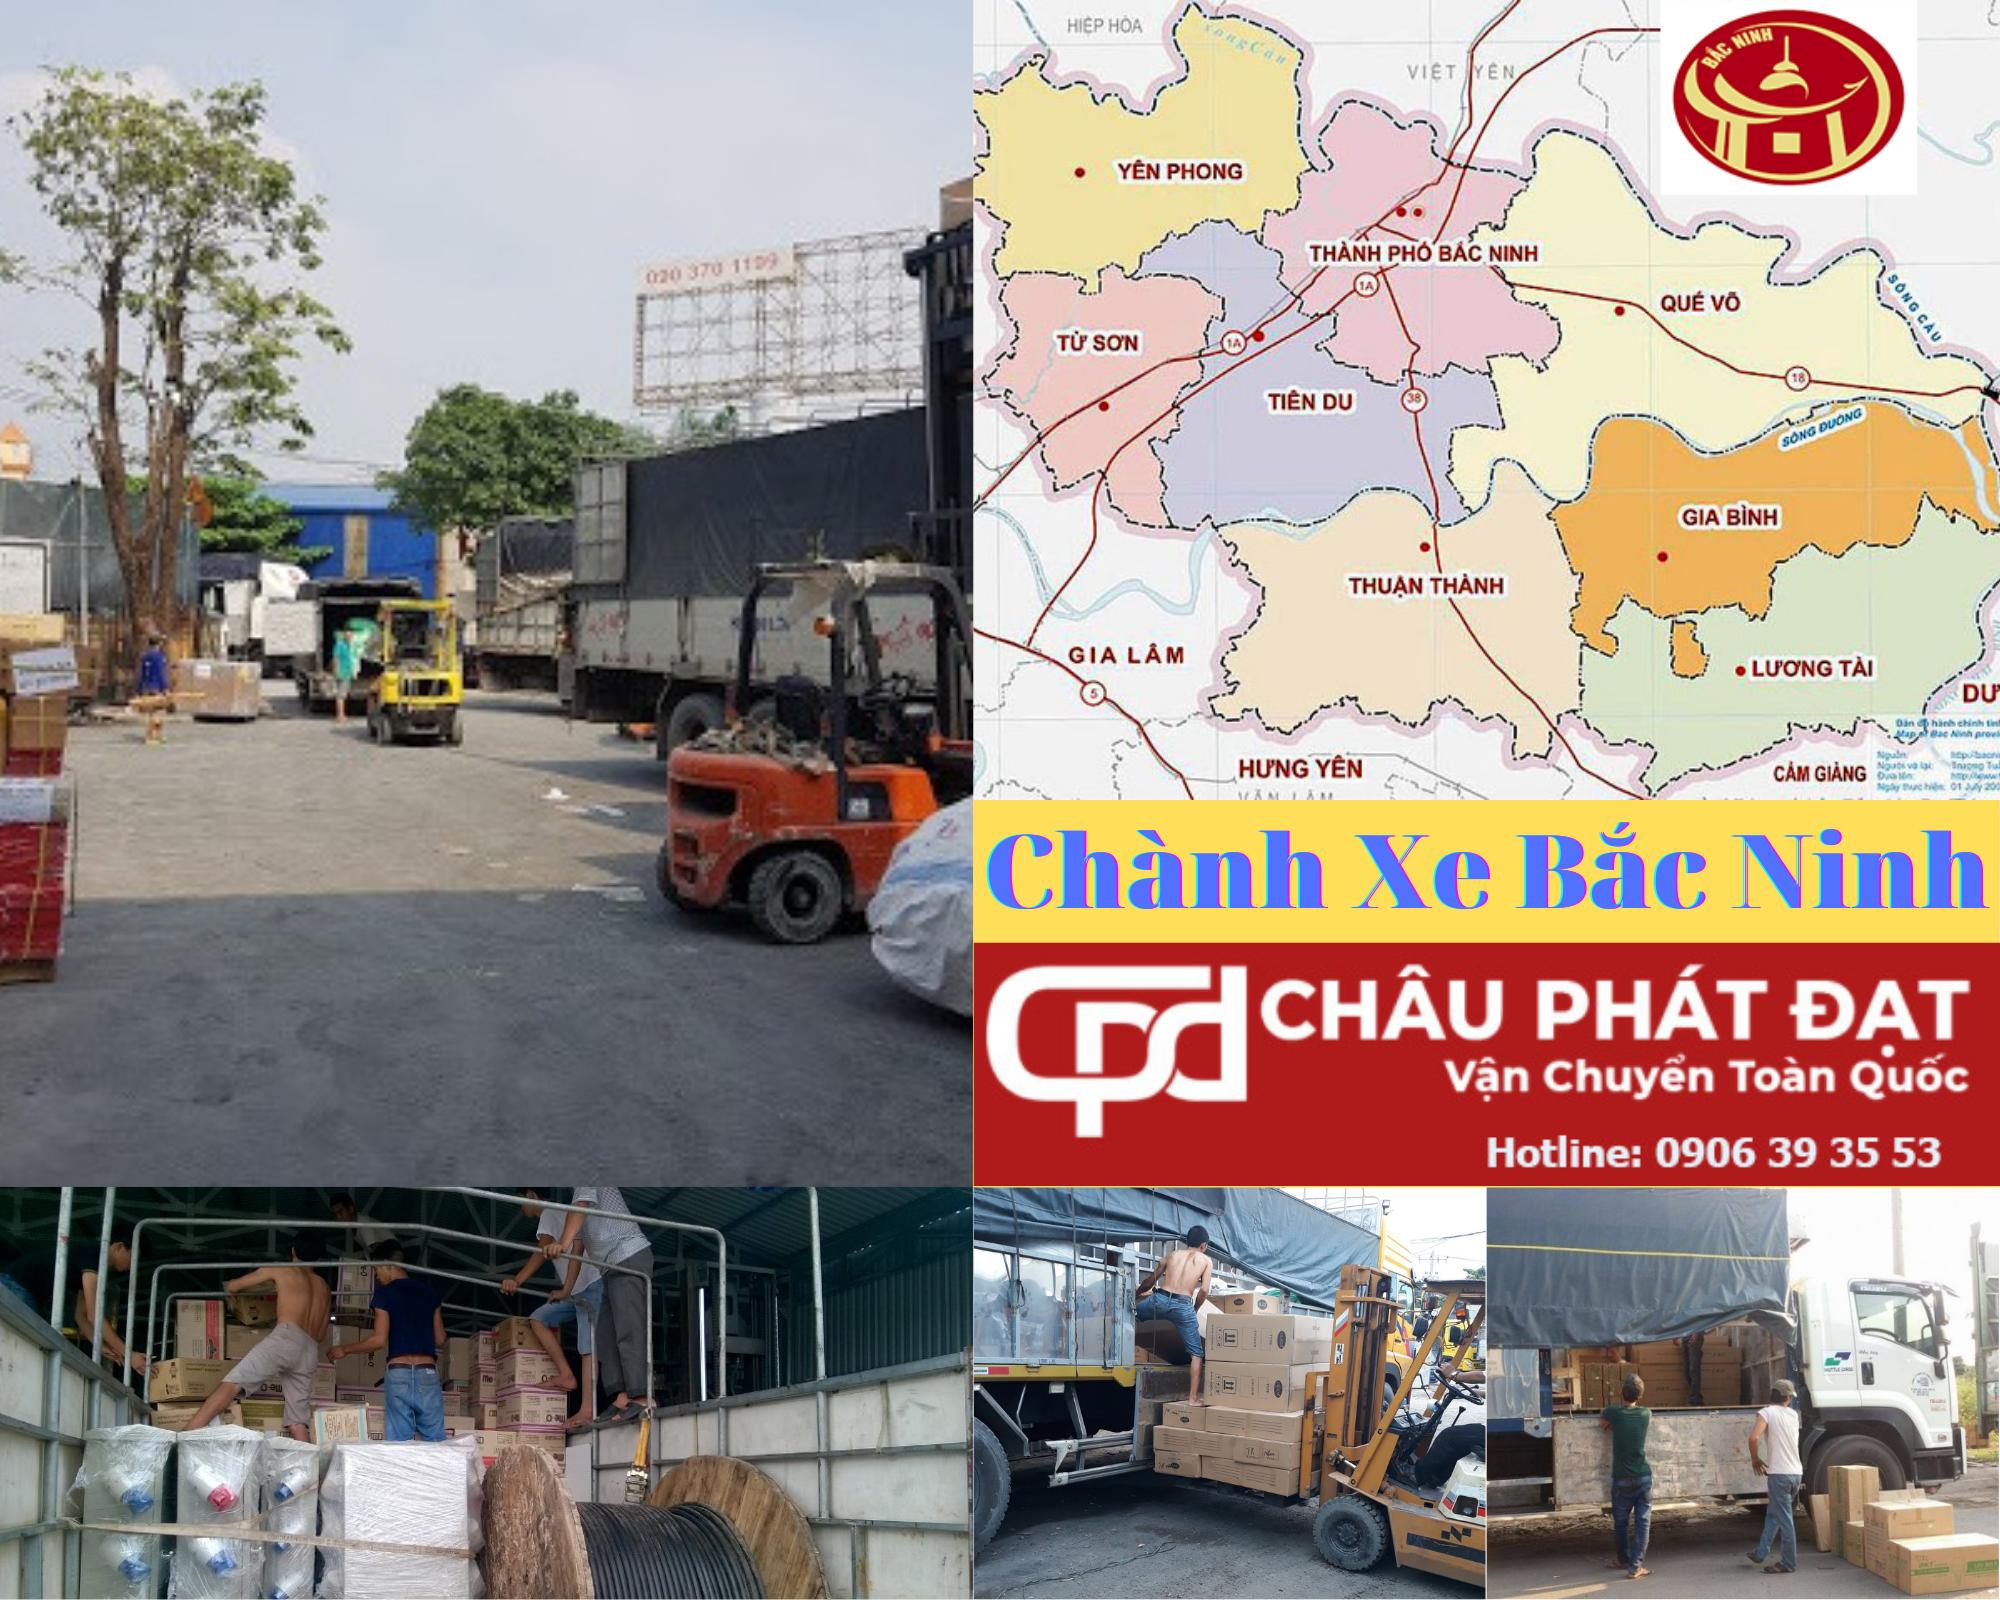 Xe Ghép Hàng Sài Gòn Bắc Ninh